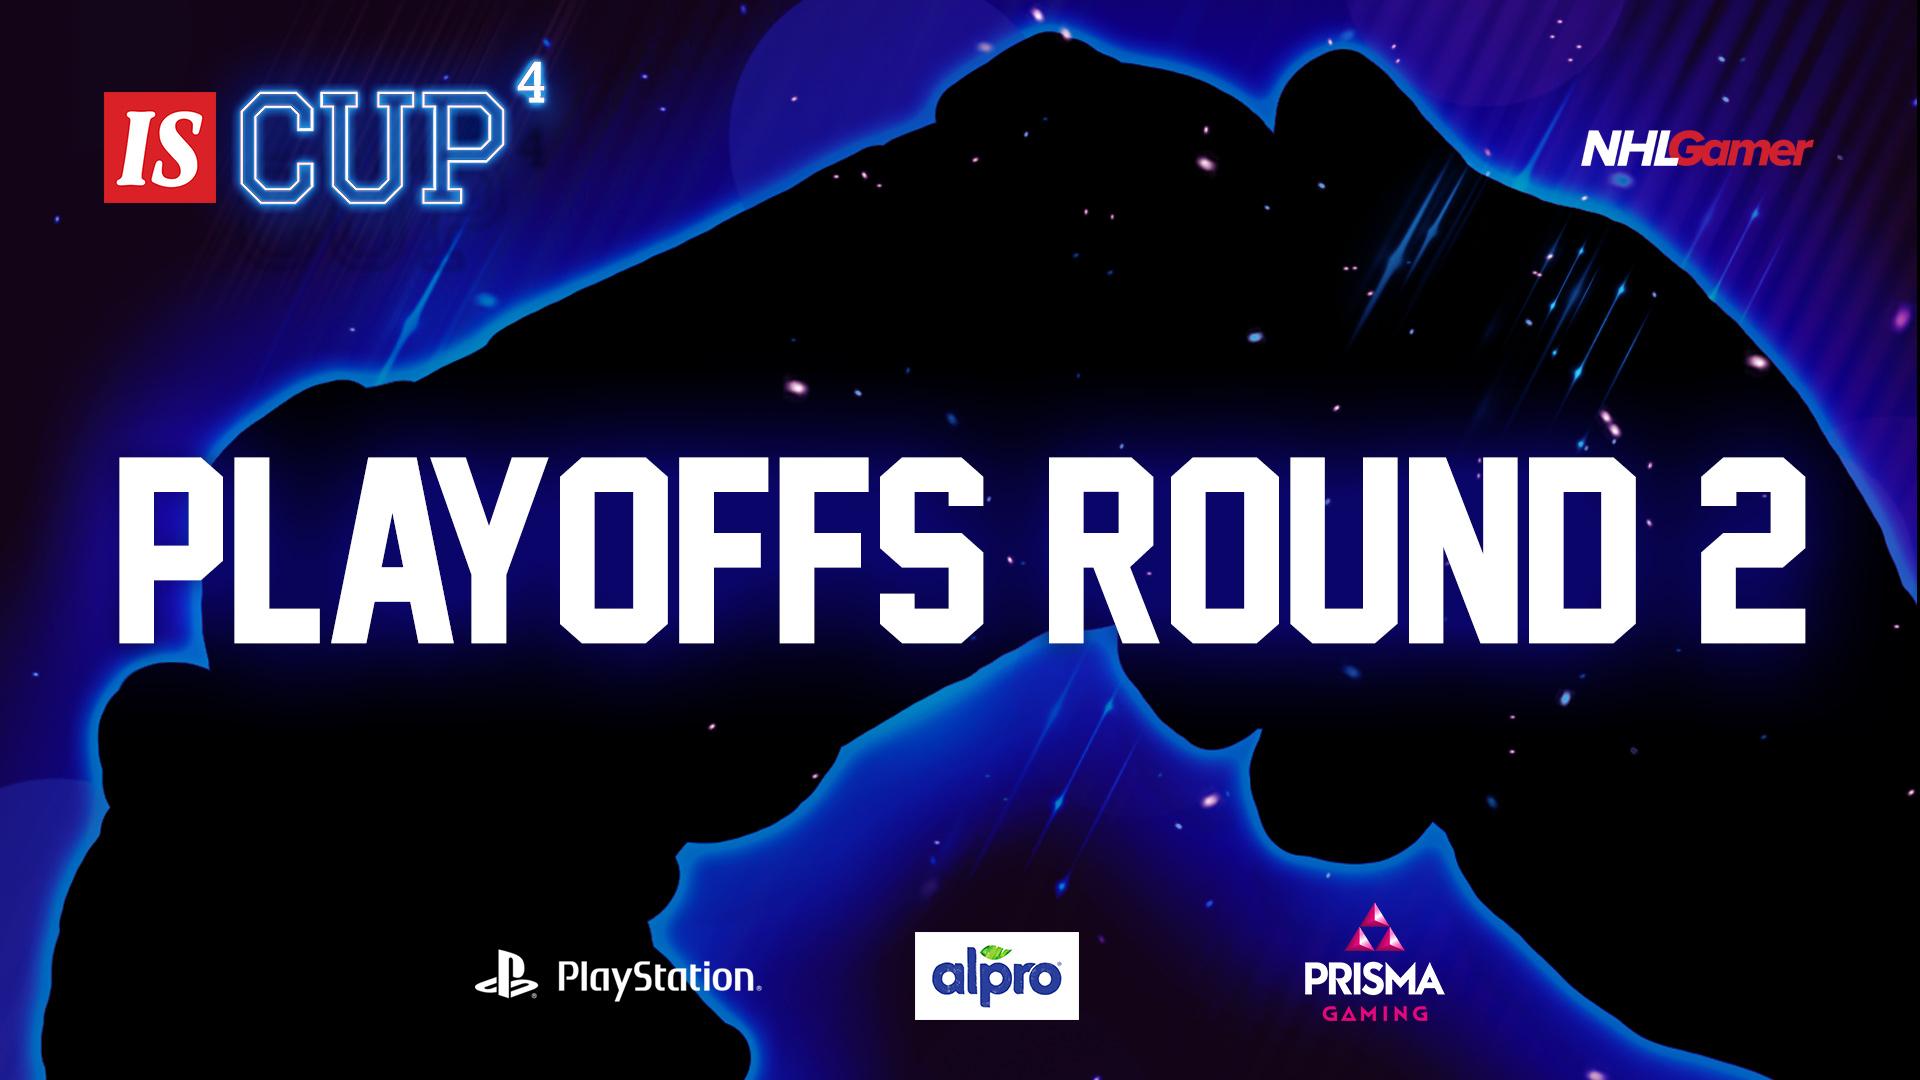 ISCup4_Playoffs_Round2.jpg